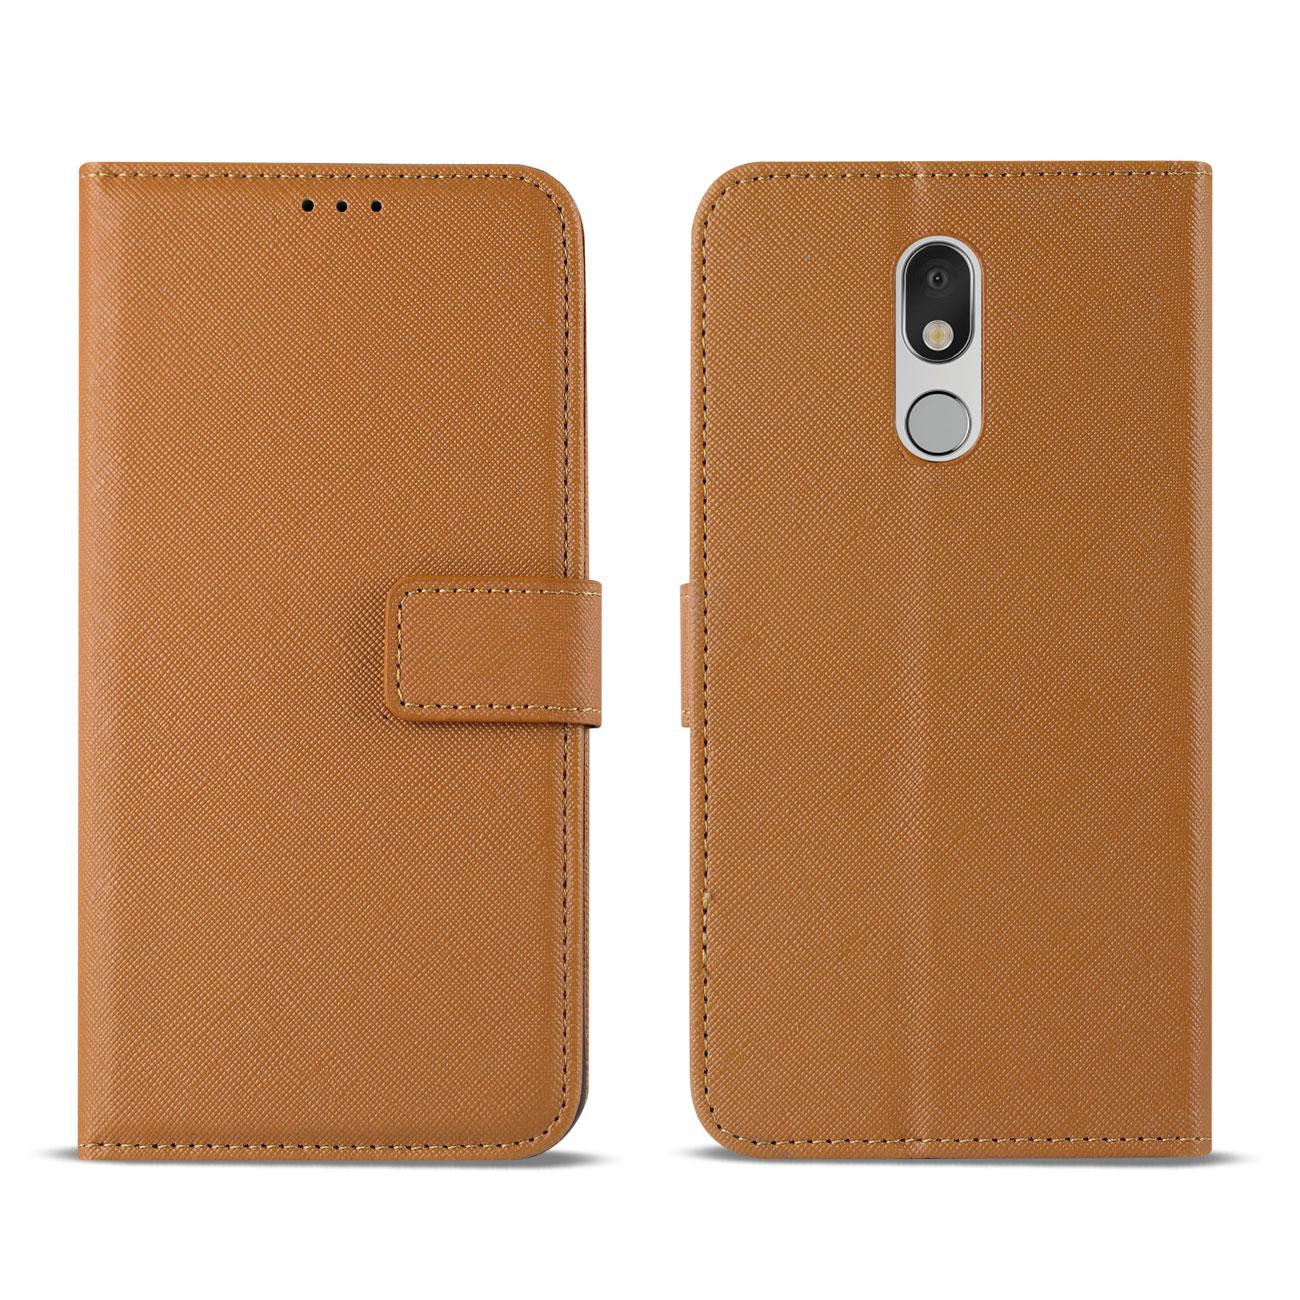 LG STYLO 5 3-In-1 Wallet Case In BROWN